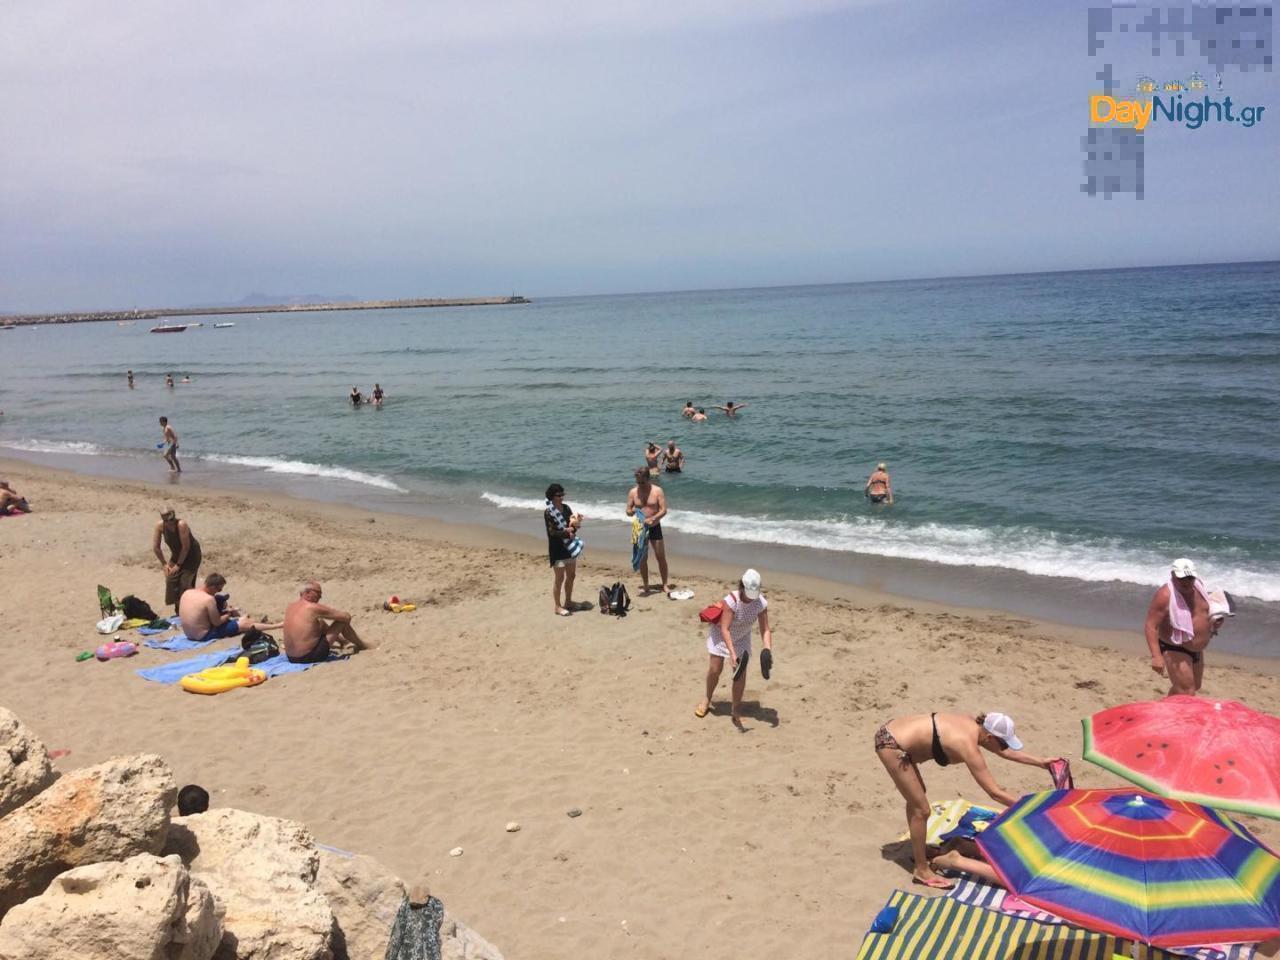 Έπιασαν τις παραλίες στο Ρέθυμνο